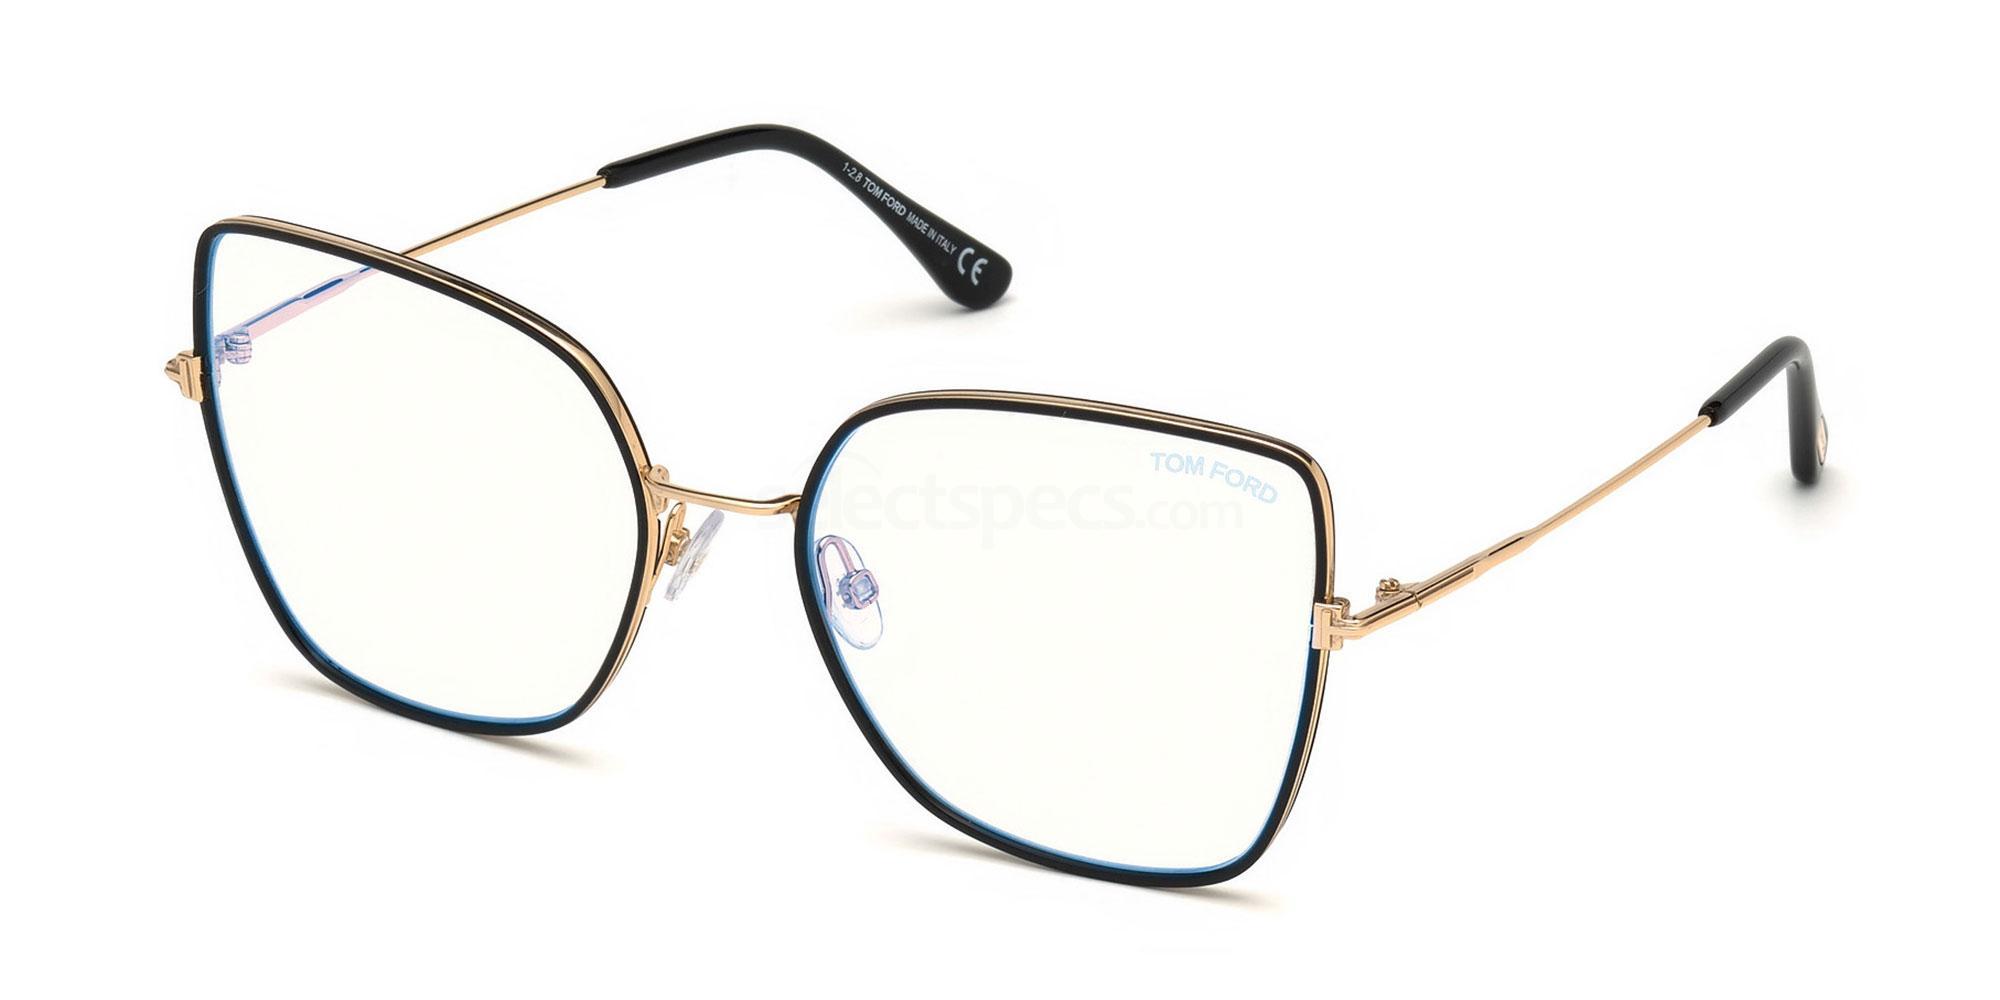 001 FT5630-B Glasses, Tom Ford